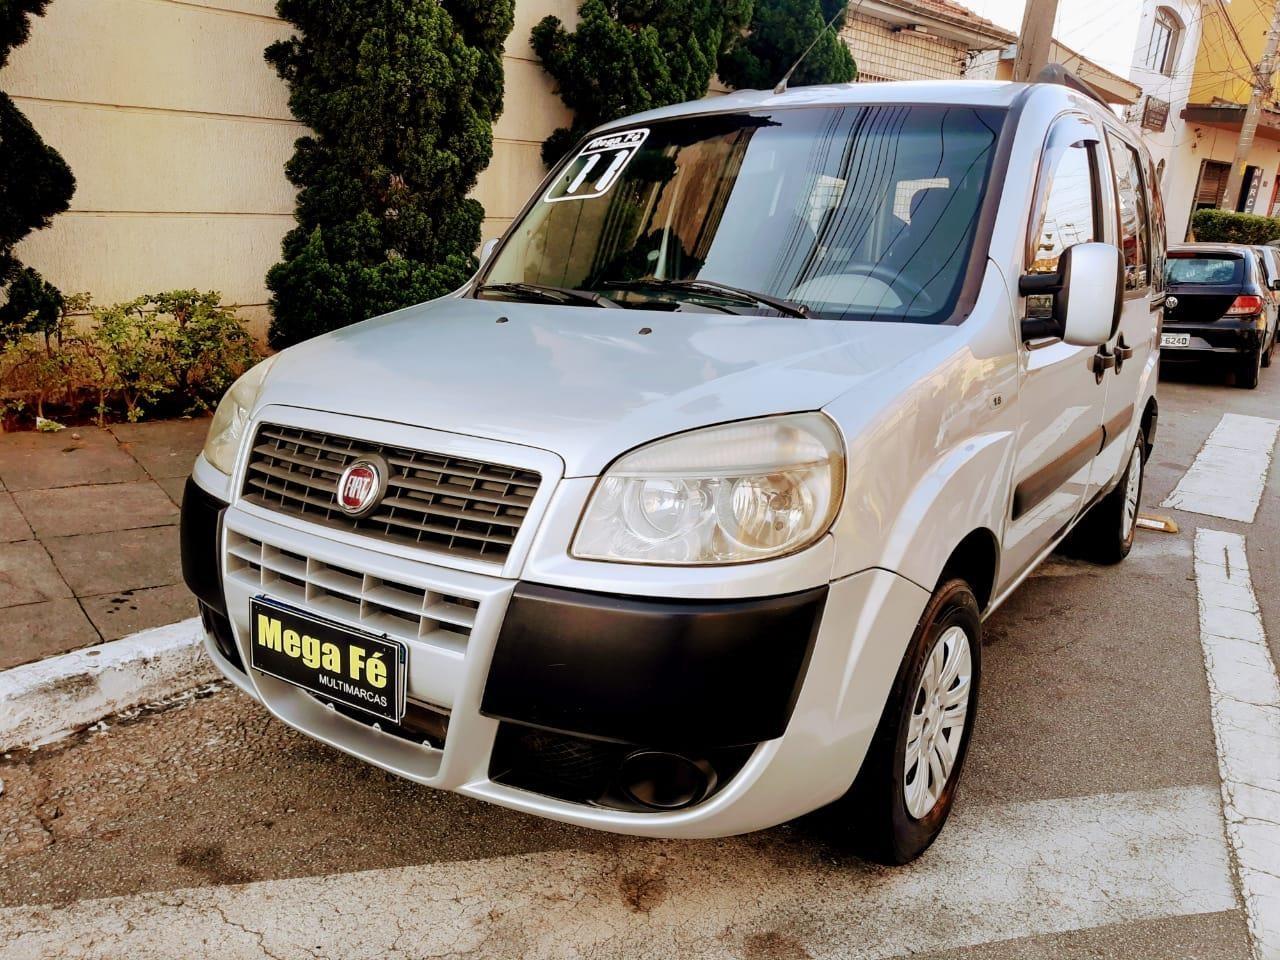 //www.autoline.com.br/carro/fiat/doblo-18-hlx-16v-flex-4p-manual/2011/sao-paulo-sp/15141328